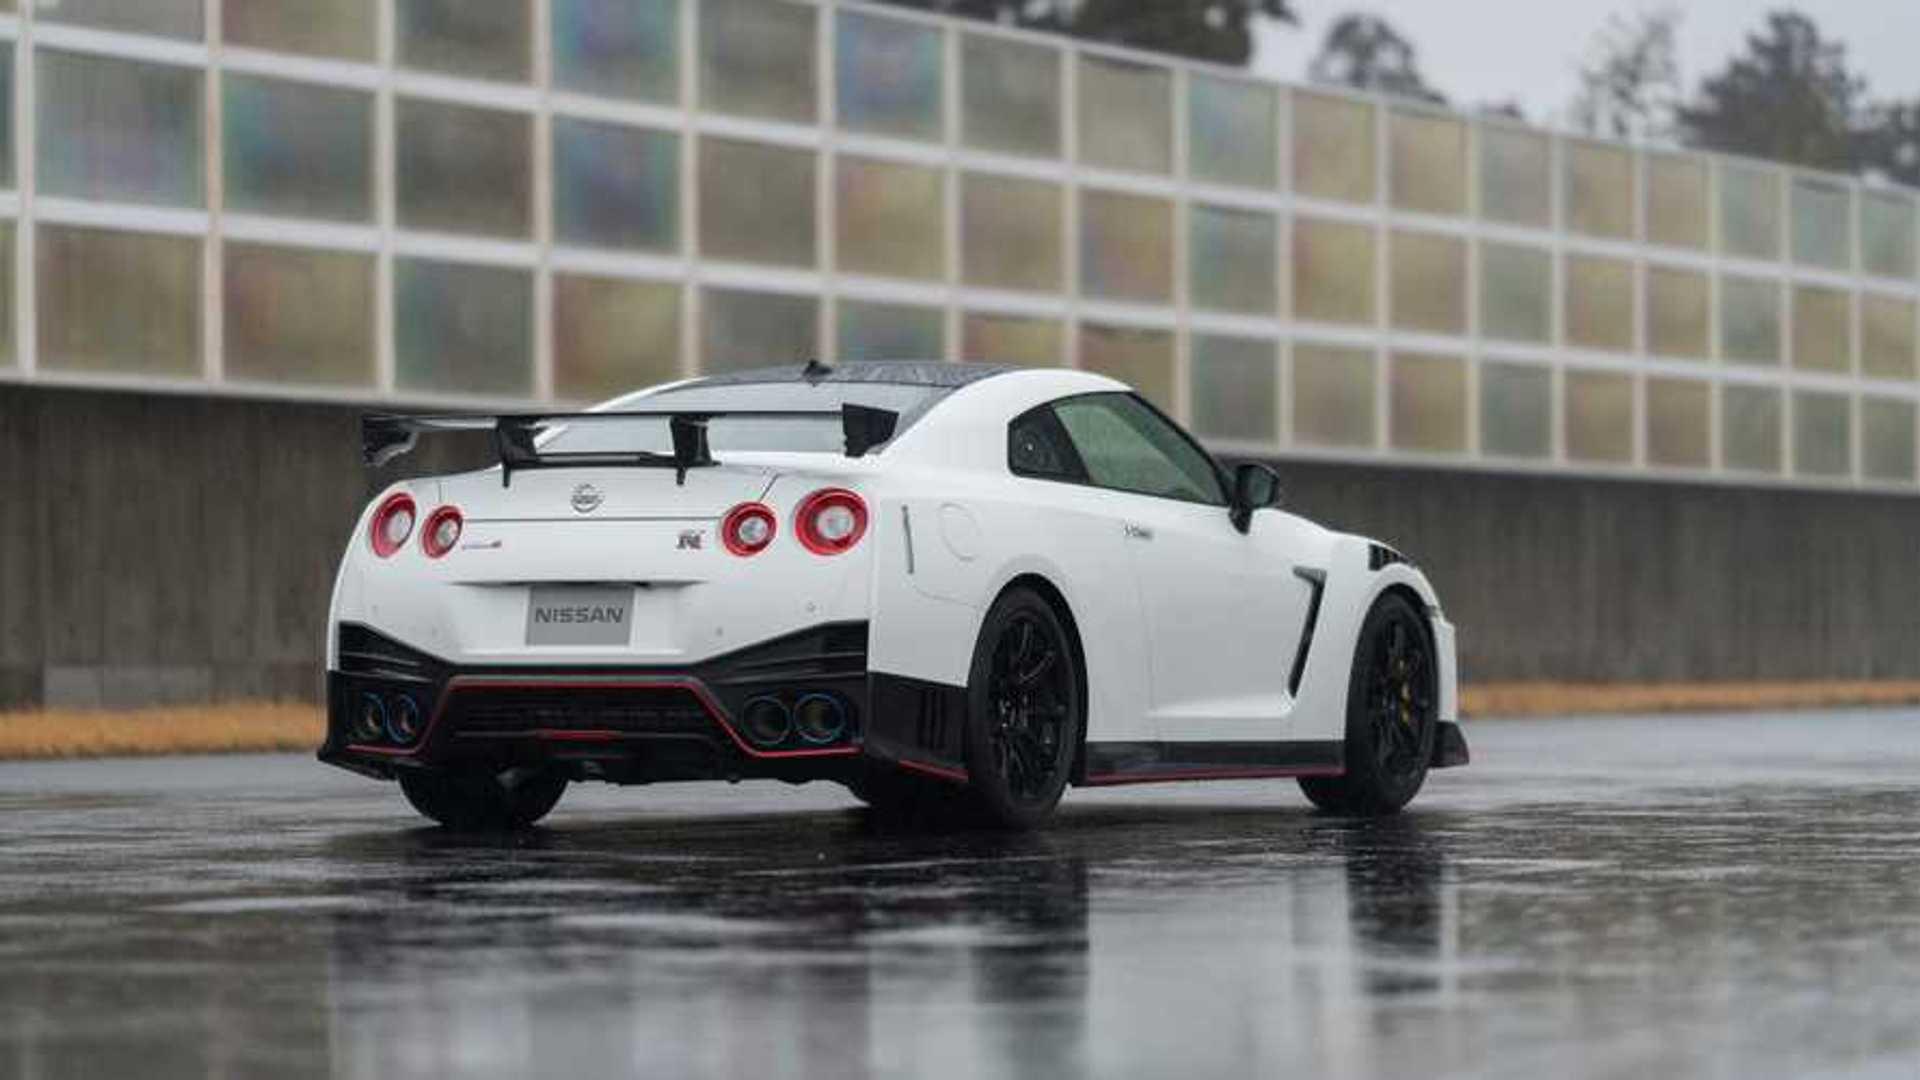 VIDÉO - Présentation détaillée de la nouvelle Nissan GT-R Nismo